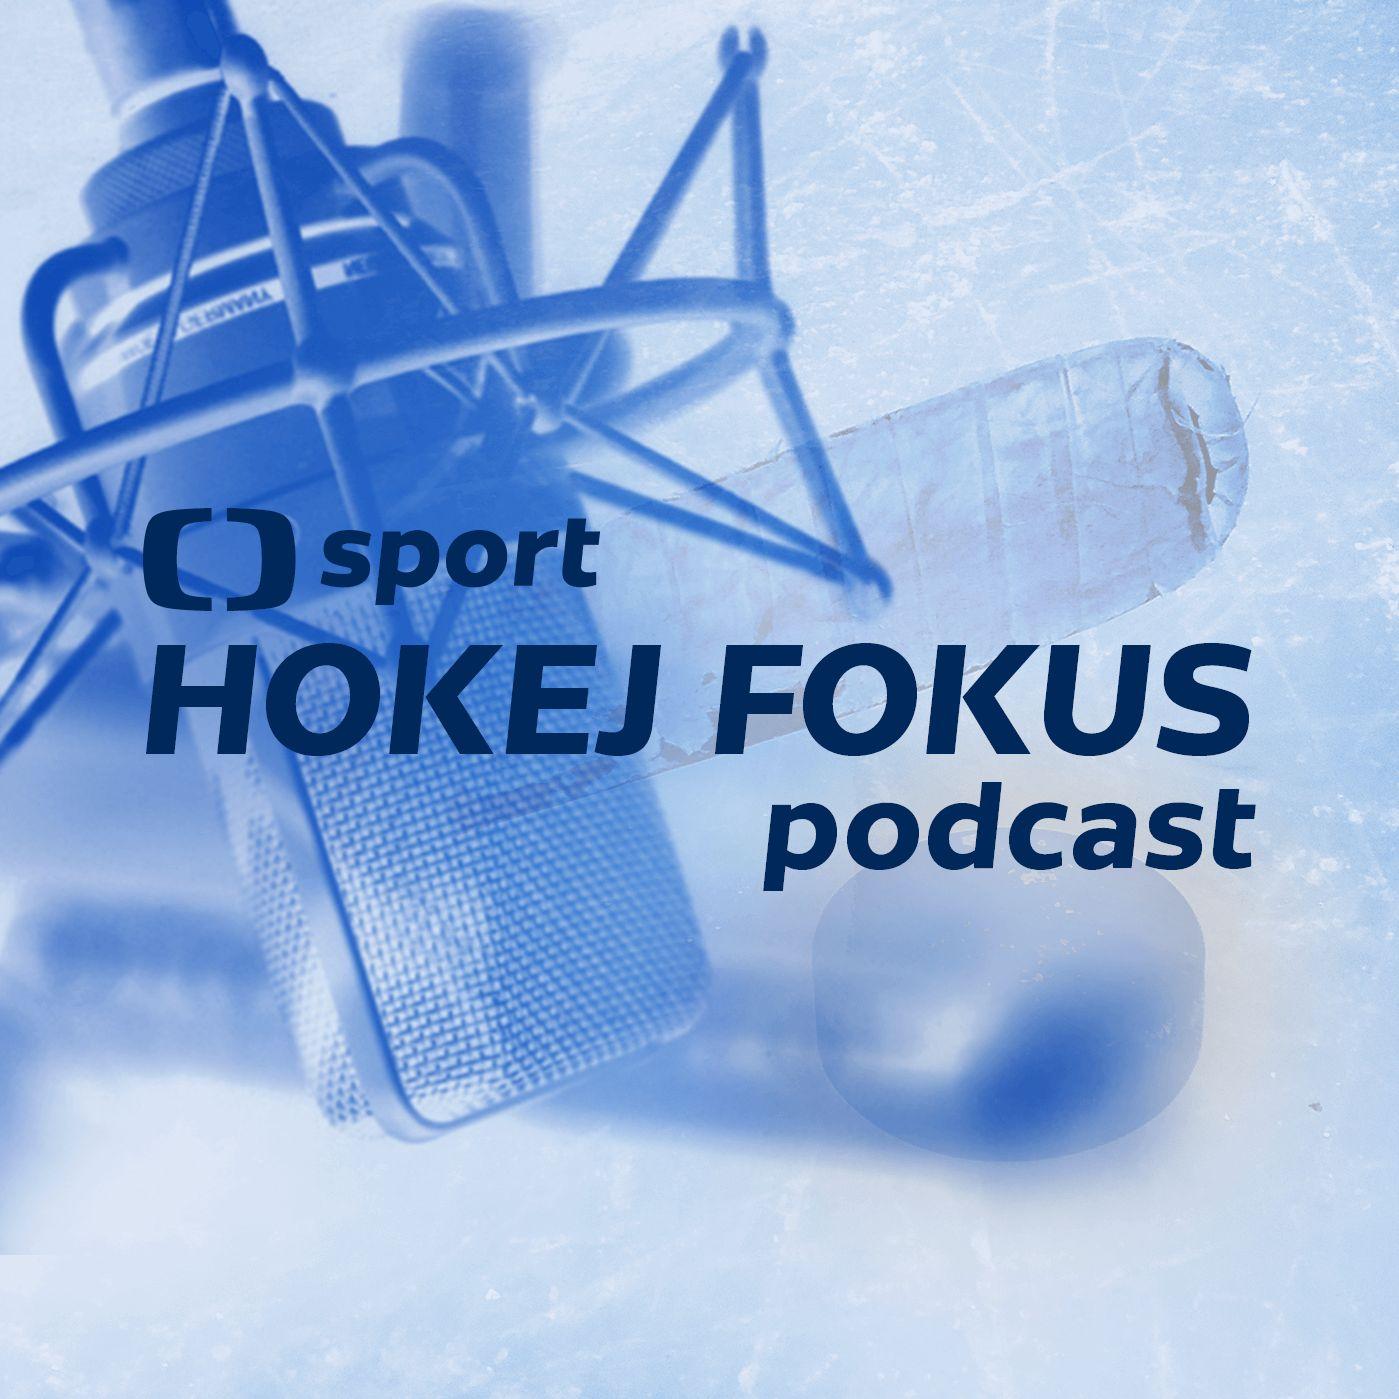 Hokej fokus podcast: Co musejí Češi udělat, aby porazili Rusko?